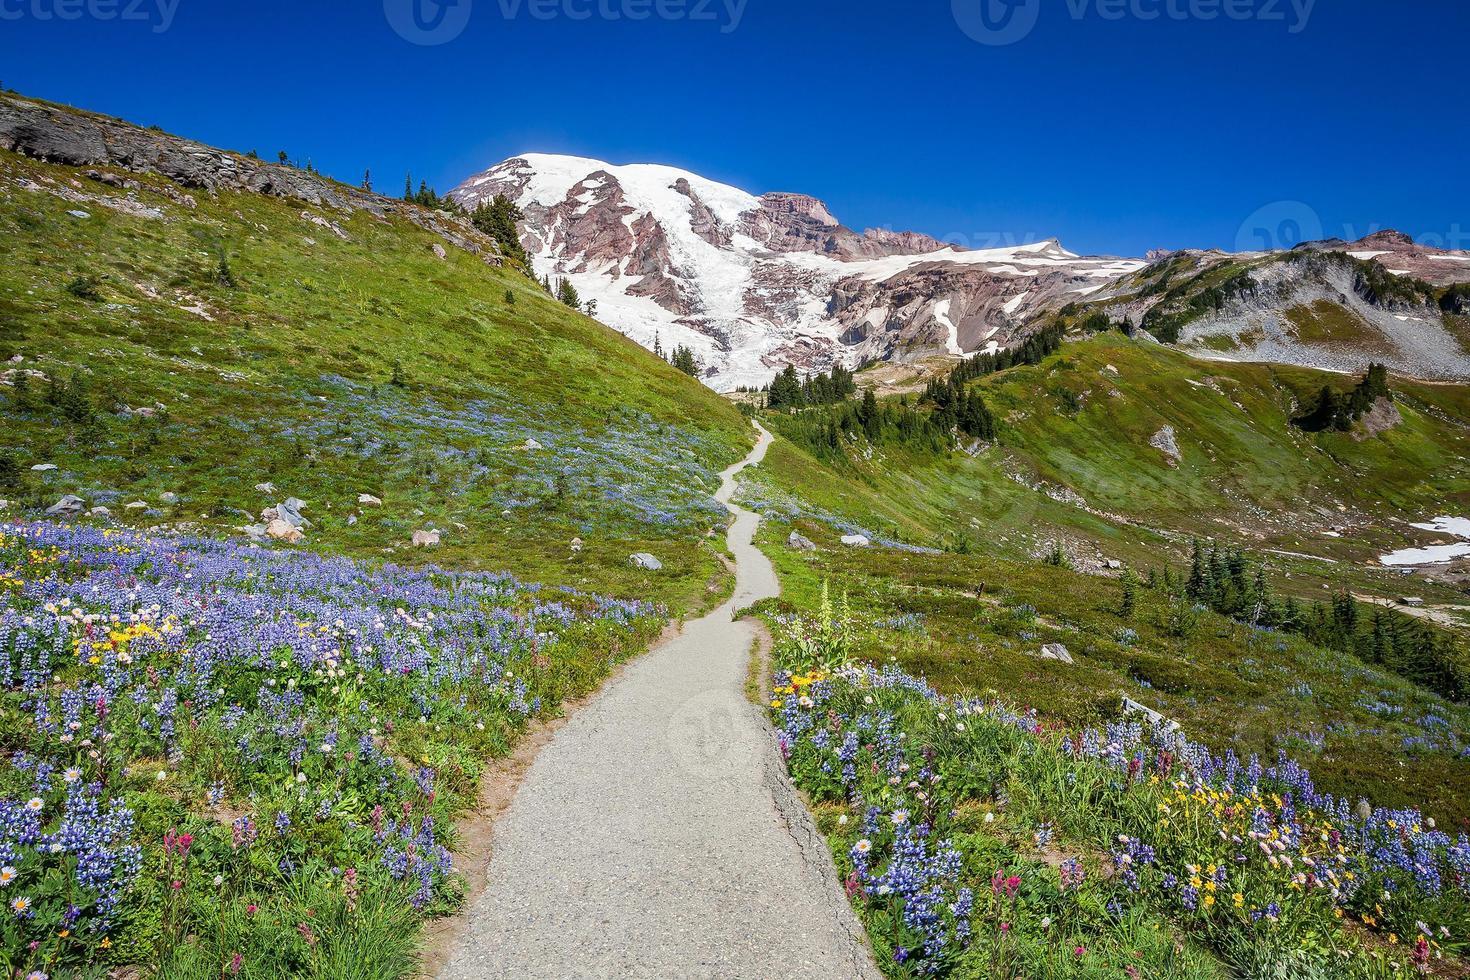 trilha para o Monte Rainier foto